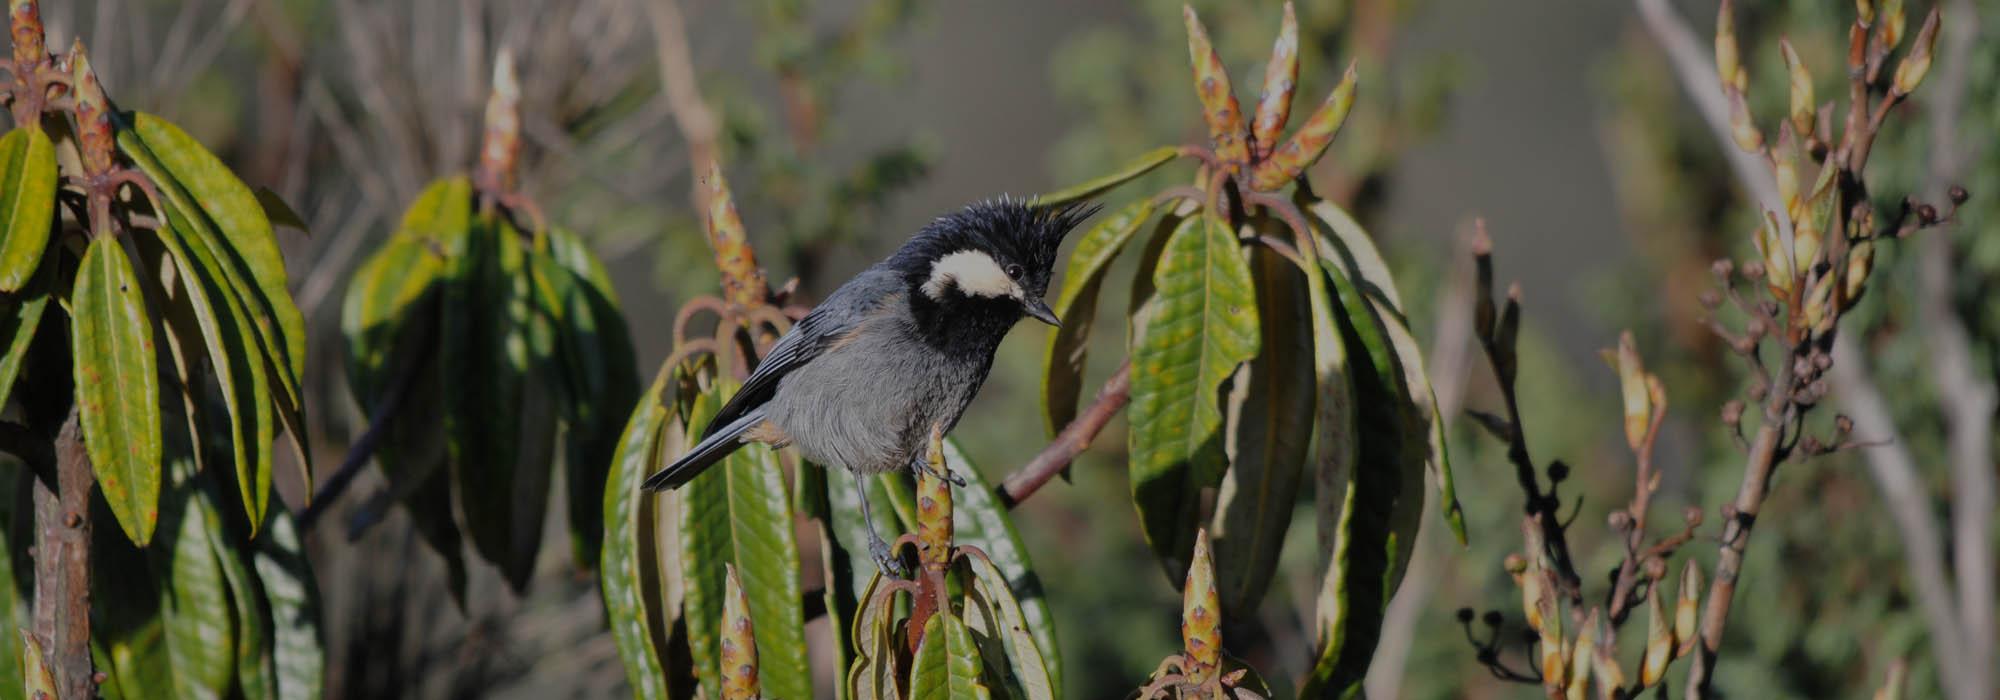 Bhutan Endangered Bird Watching